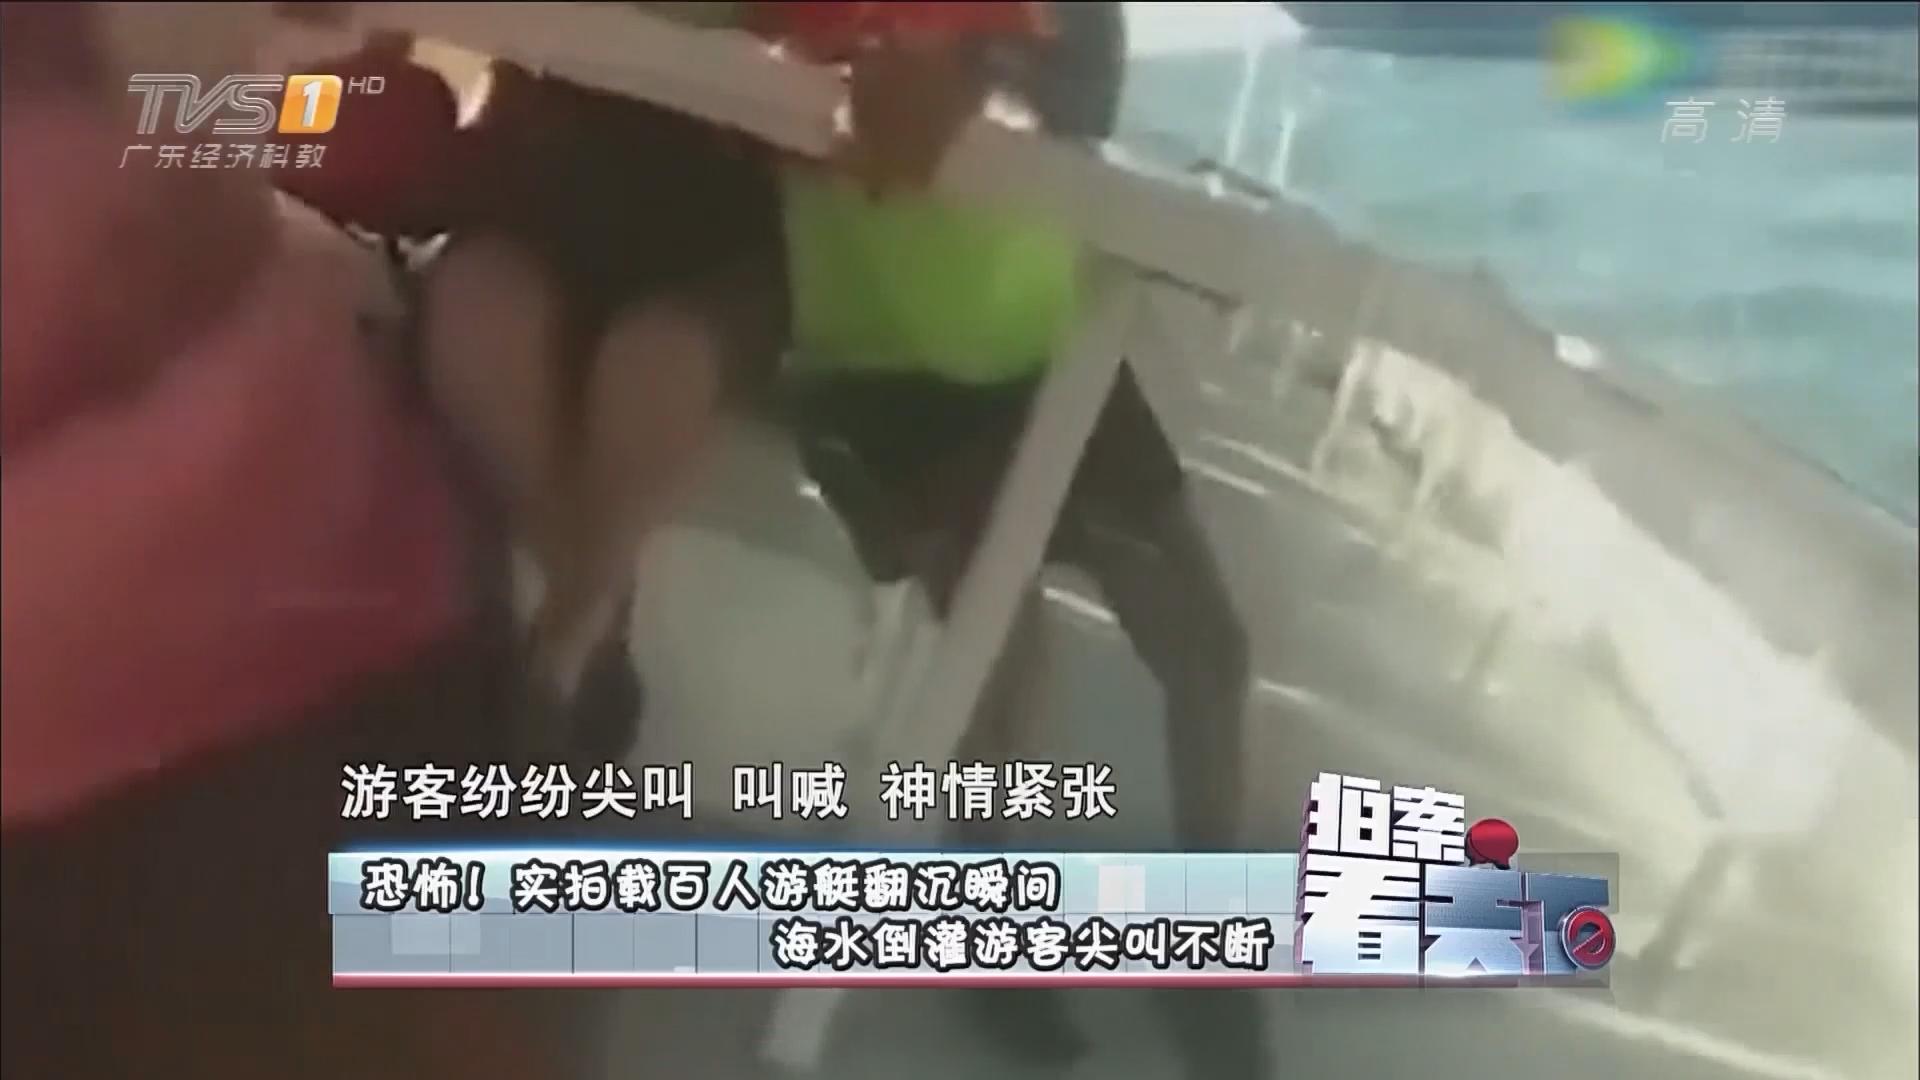 恐怖!实拍载百人游艇翻沉瞬间 海水倒灌游客尖叫不断